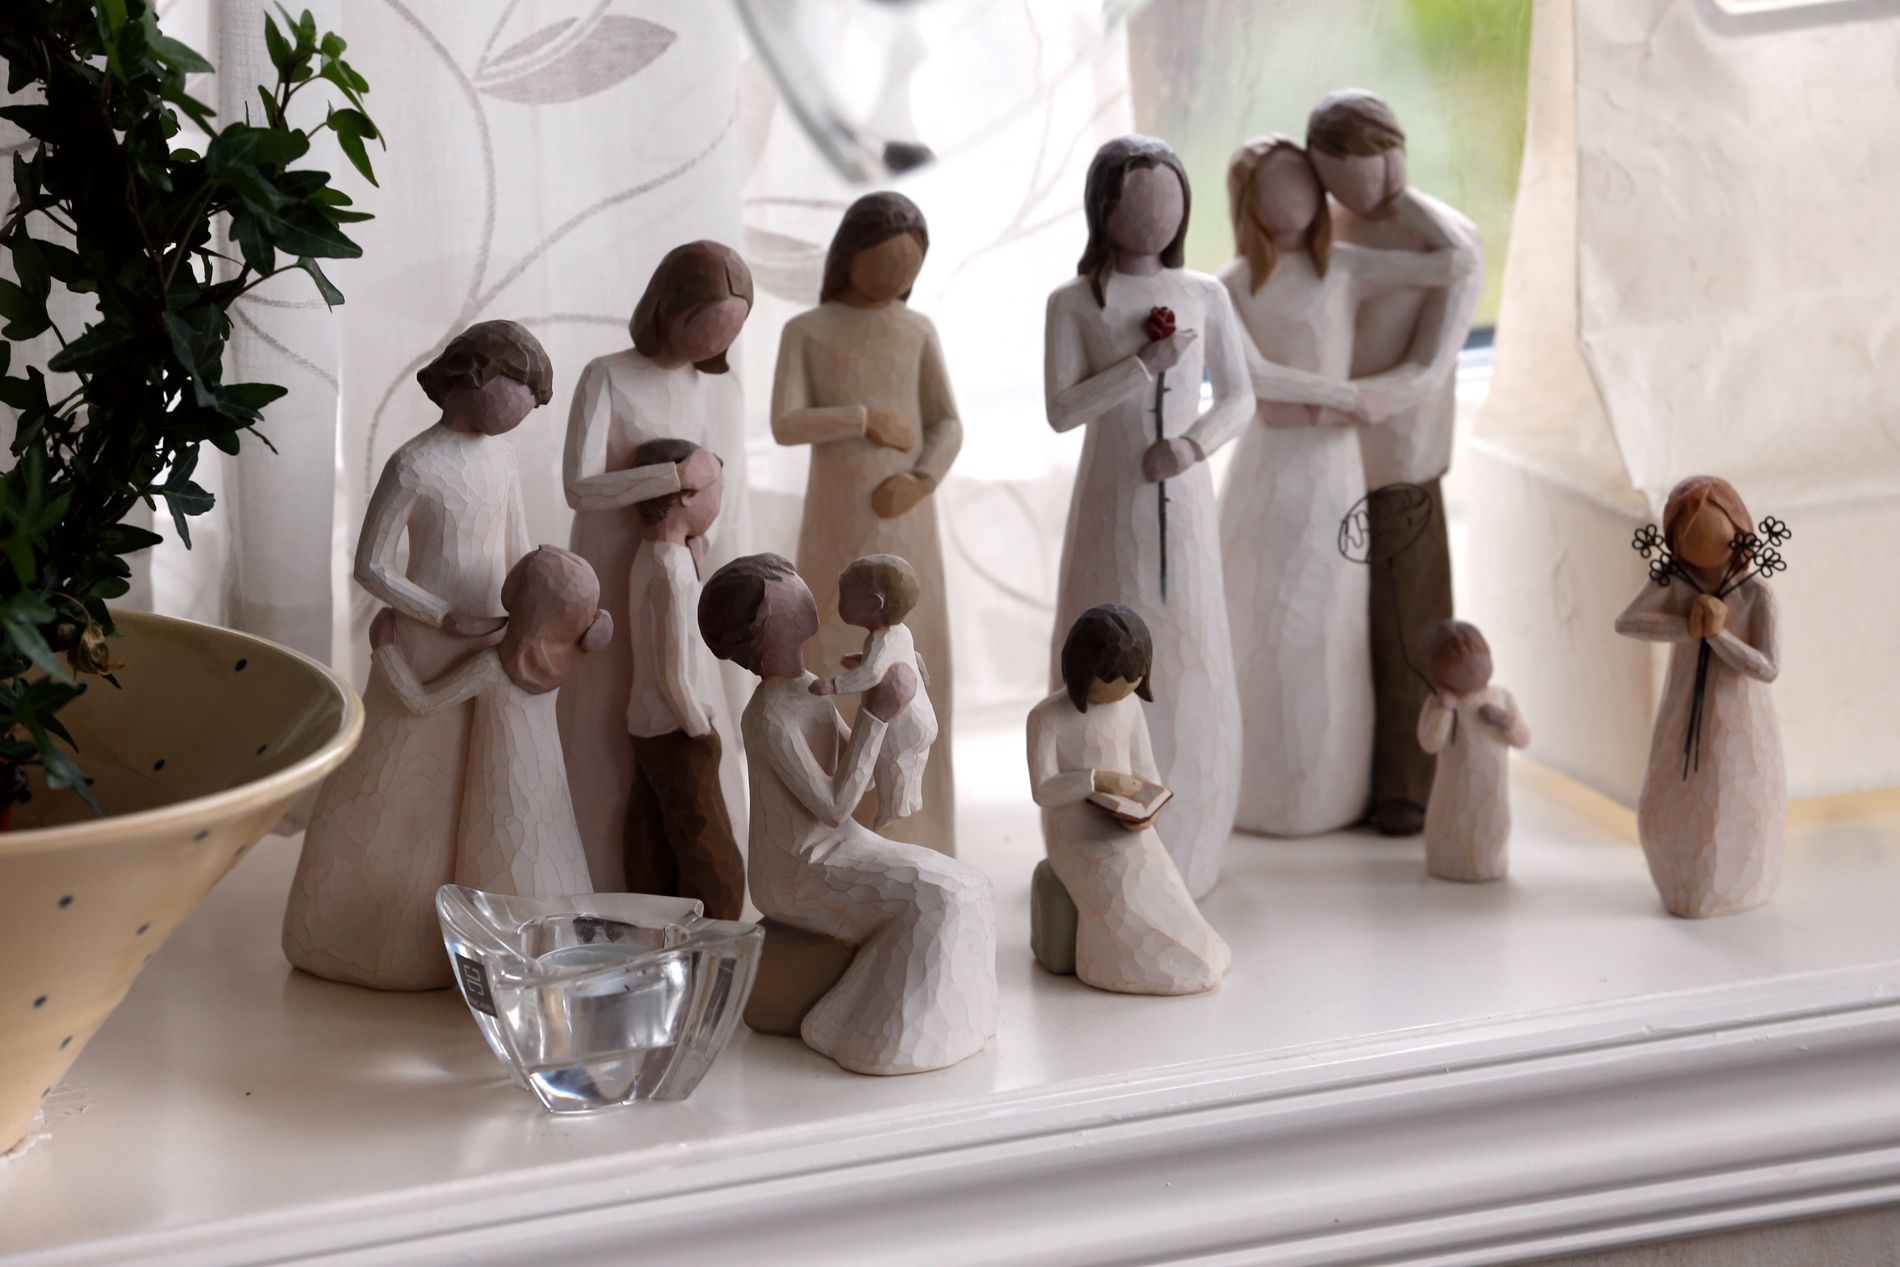 ENGLER I STUEN: – Englenes glede og jubel, og ikke minst deres omsorg for mitt liv, ga meg som liten gutt en dyp trygghet. Jeg er derfor glad for at kirken har bevart noe av tenkningen rundt engler i sin liturgi, skriver Kim Larsen.